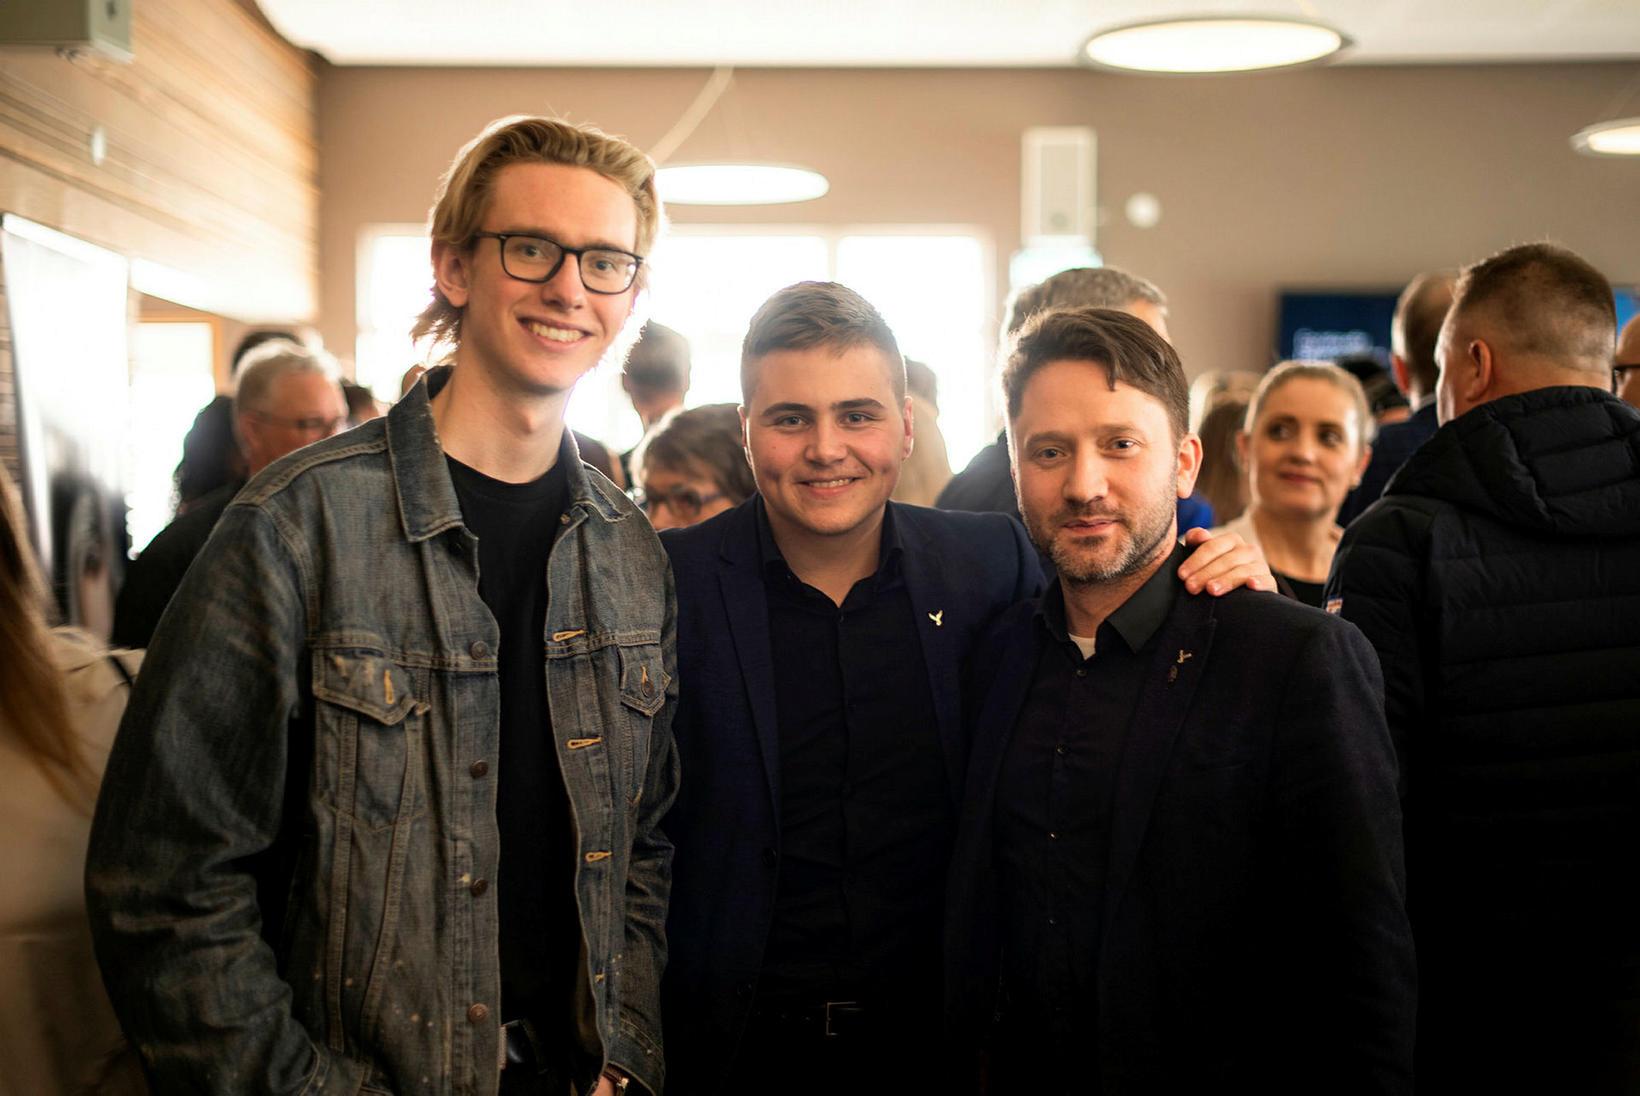 Árni þór Guðjónsson, Birkir og Hannes Þorvaldsson.